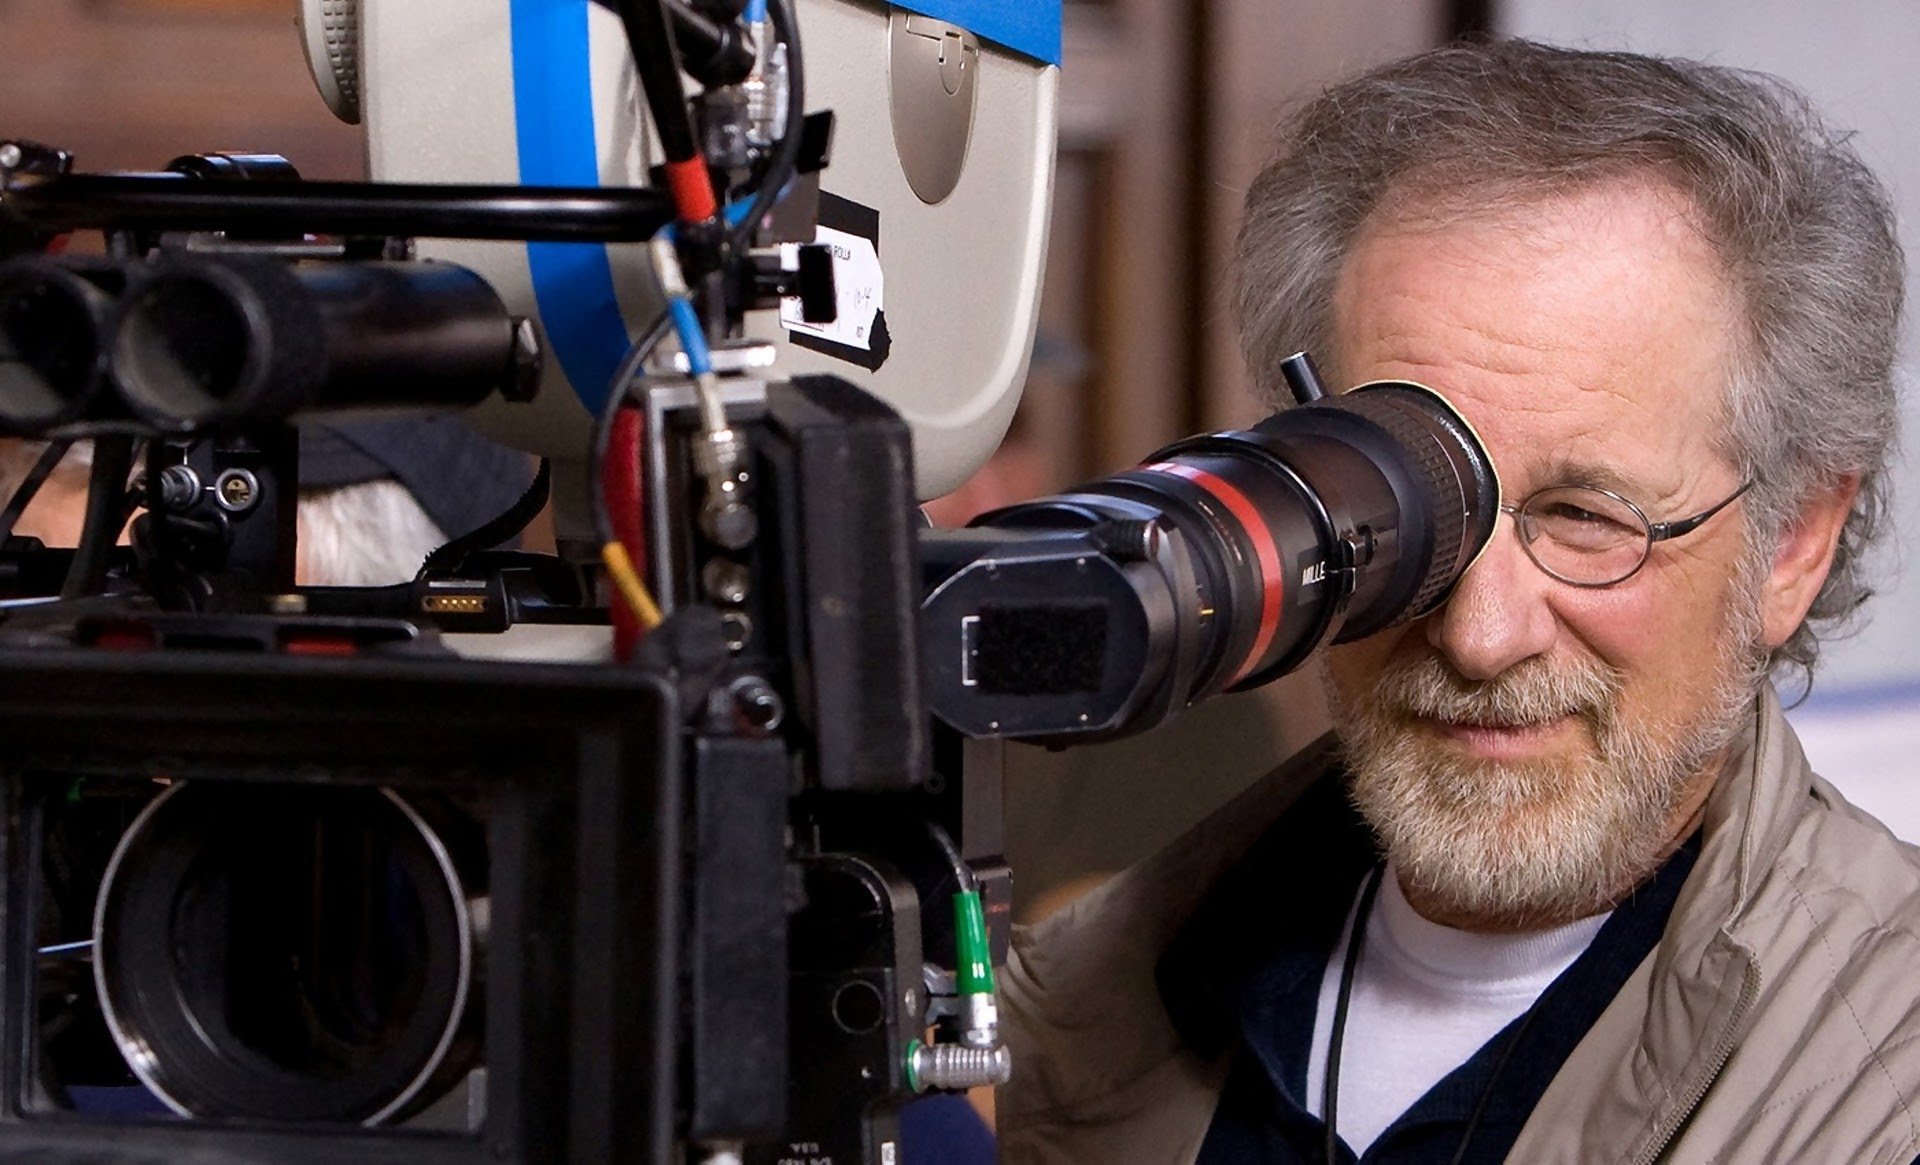 استیون اسپیلبرگ از خوشحال ترین فیلمش گفت! تصاویر